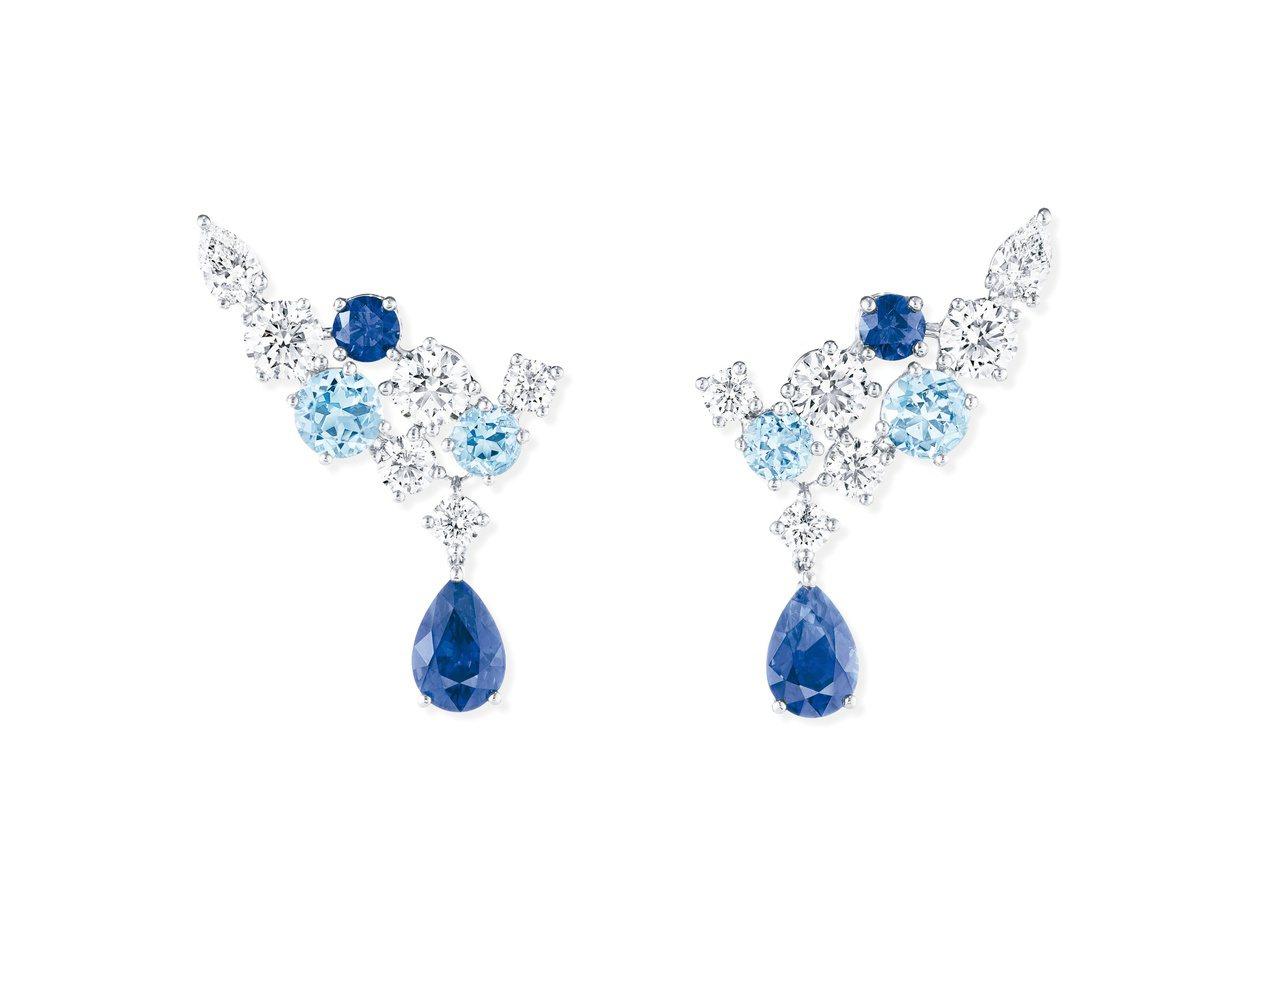 海瑞溫斯頓Sparkling Cluster絢漪錦簇藍寶石、海藍寶石及鑽石耳環。...